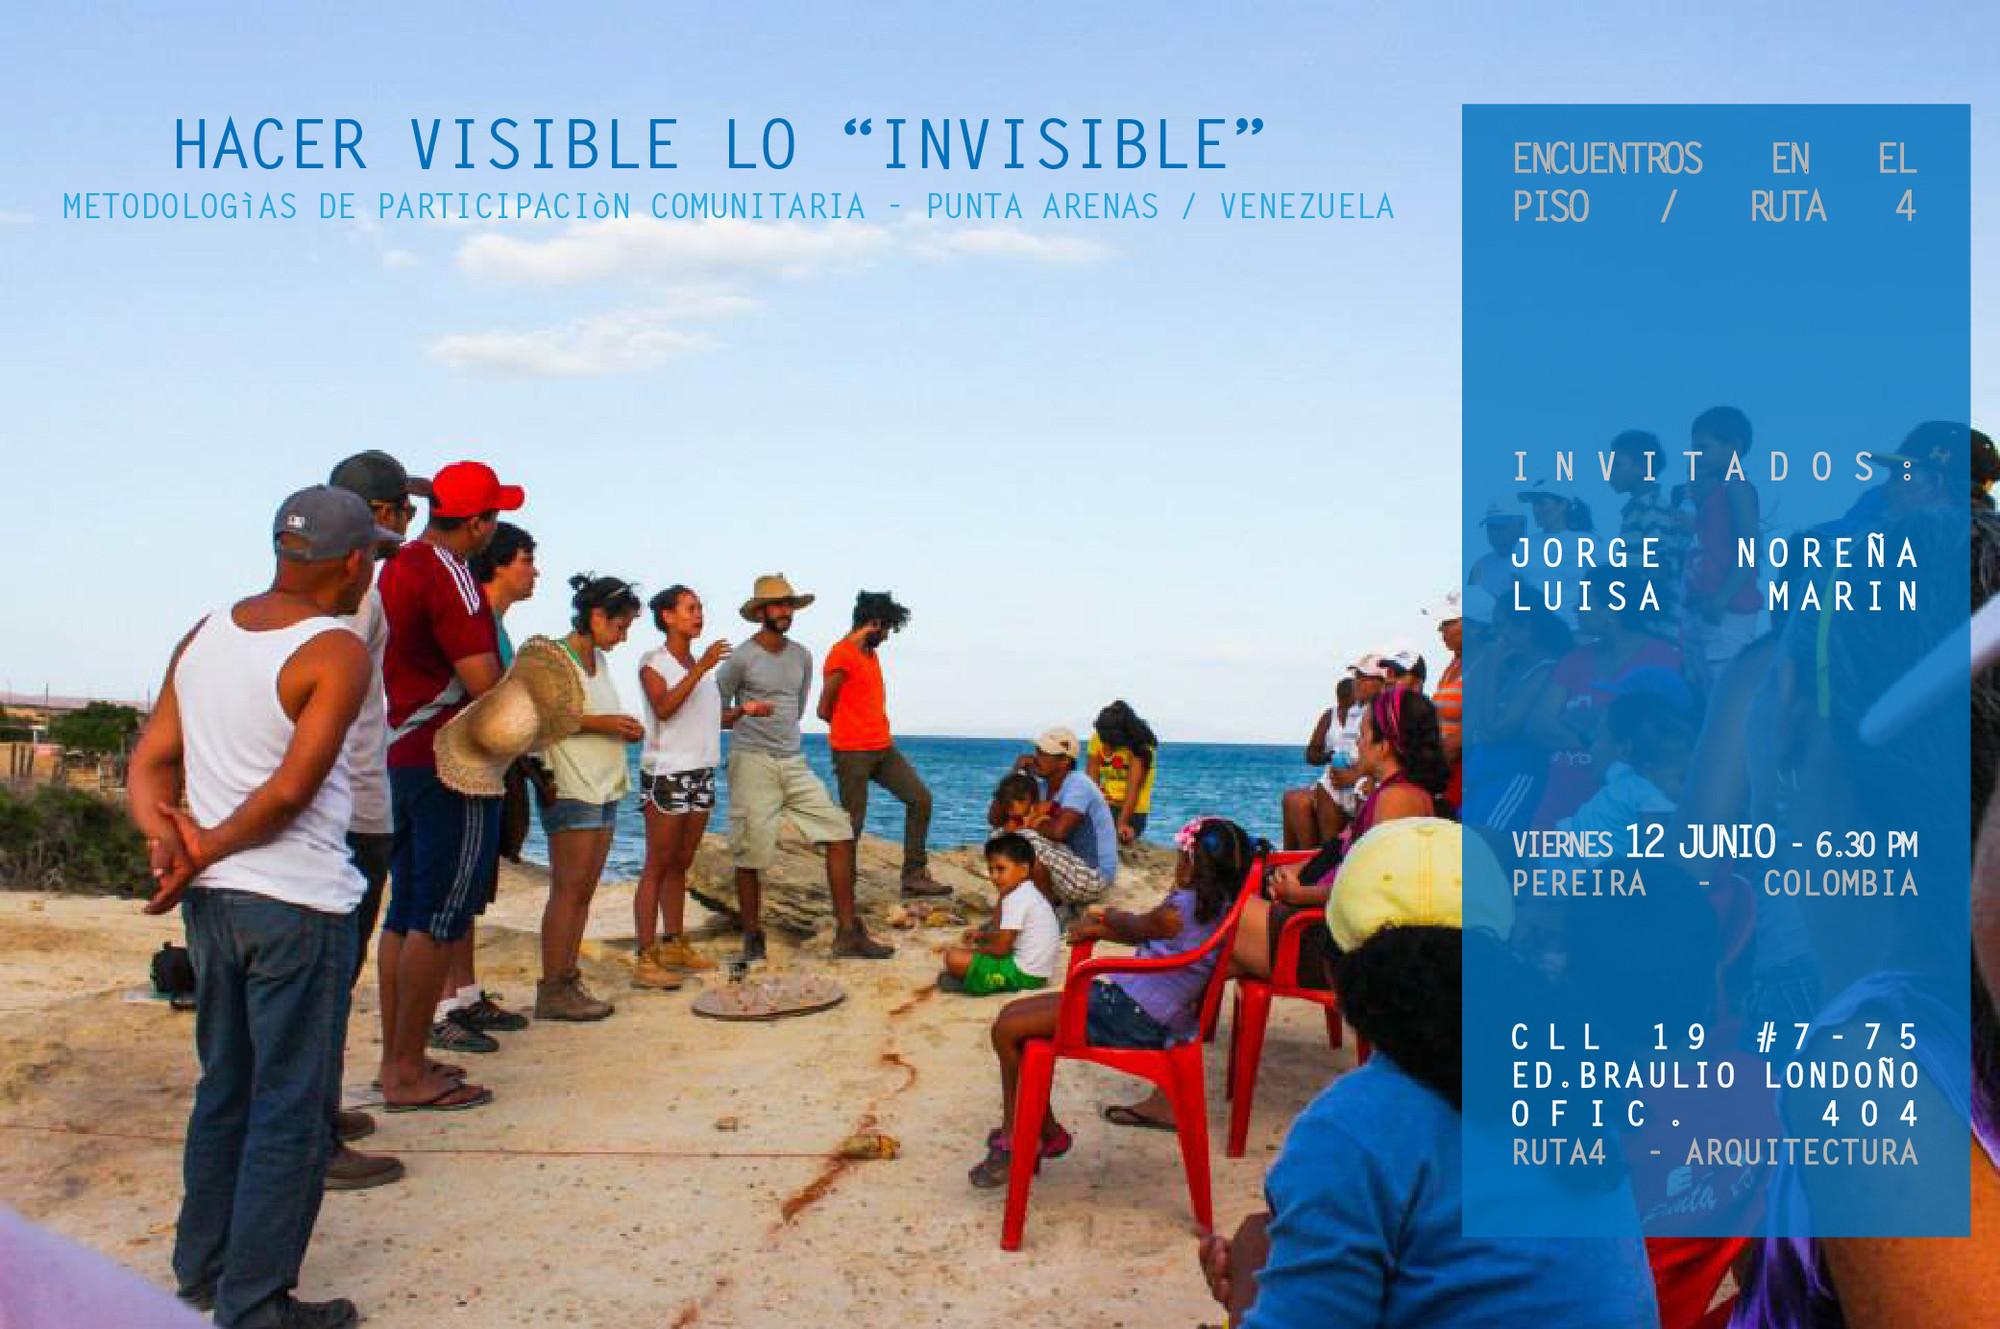 Conferencias 'Encuentros en el piso': Ruta 4 / Pereira, Colombia